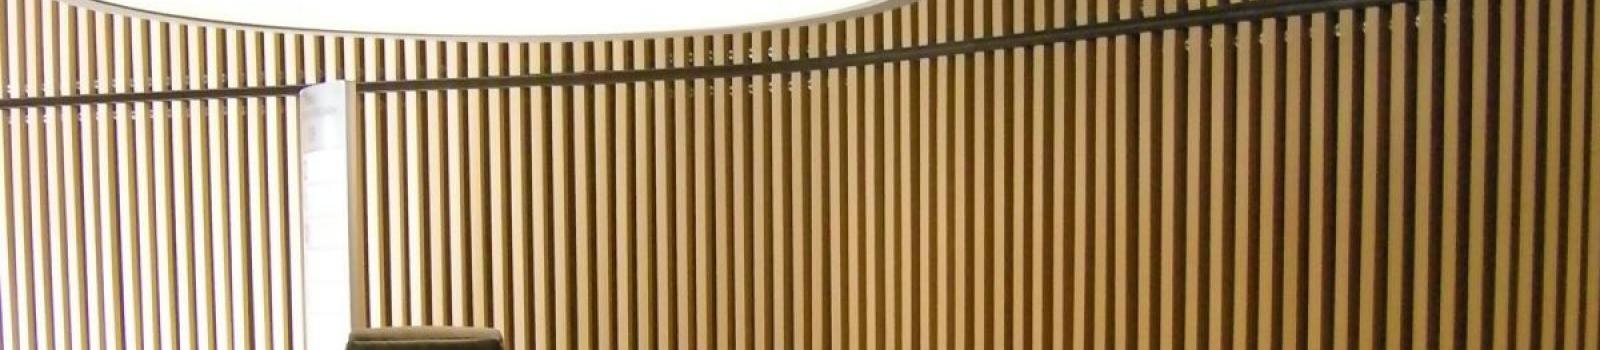 fachadas baguettes marrones